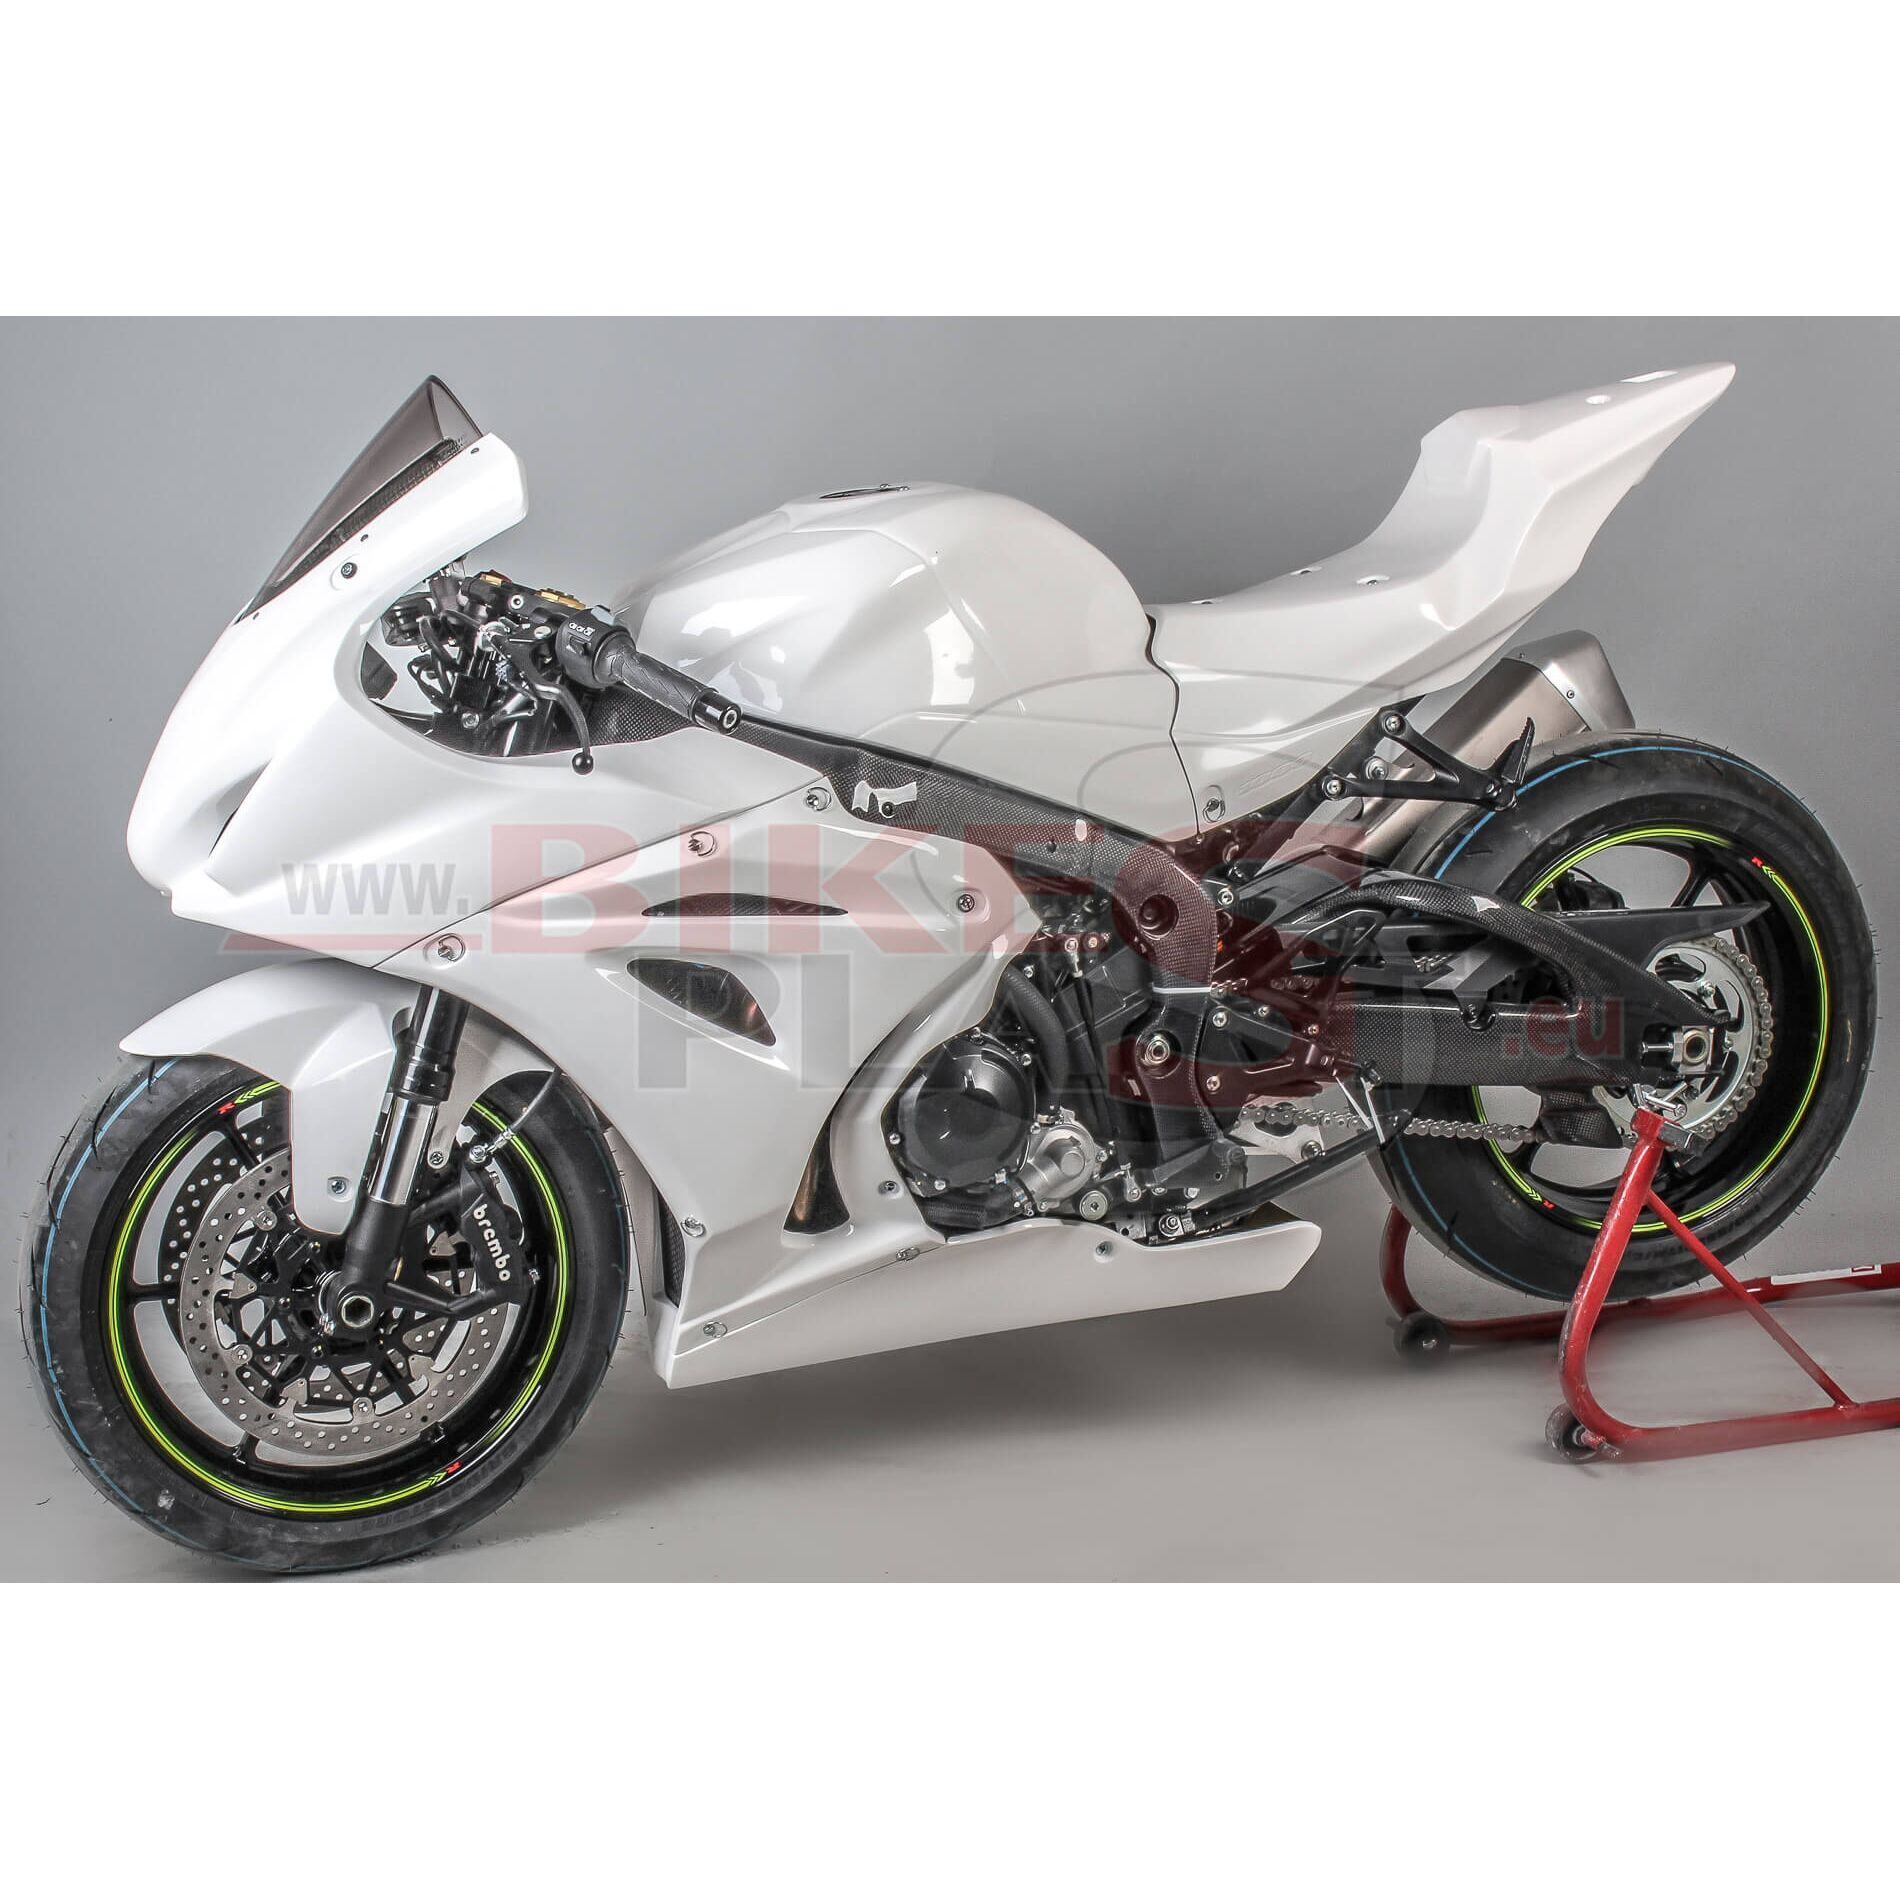 BikesPlast Suzuki GSXR 1000 Complete Race Bodywork Set (2017 & Up)